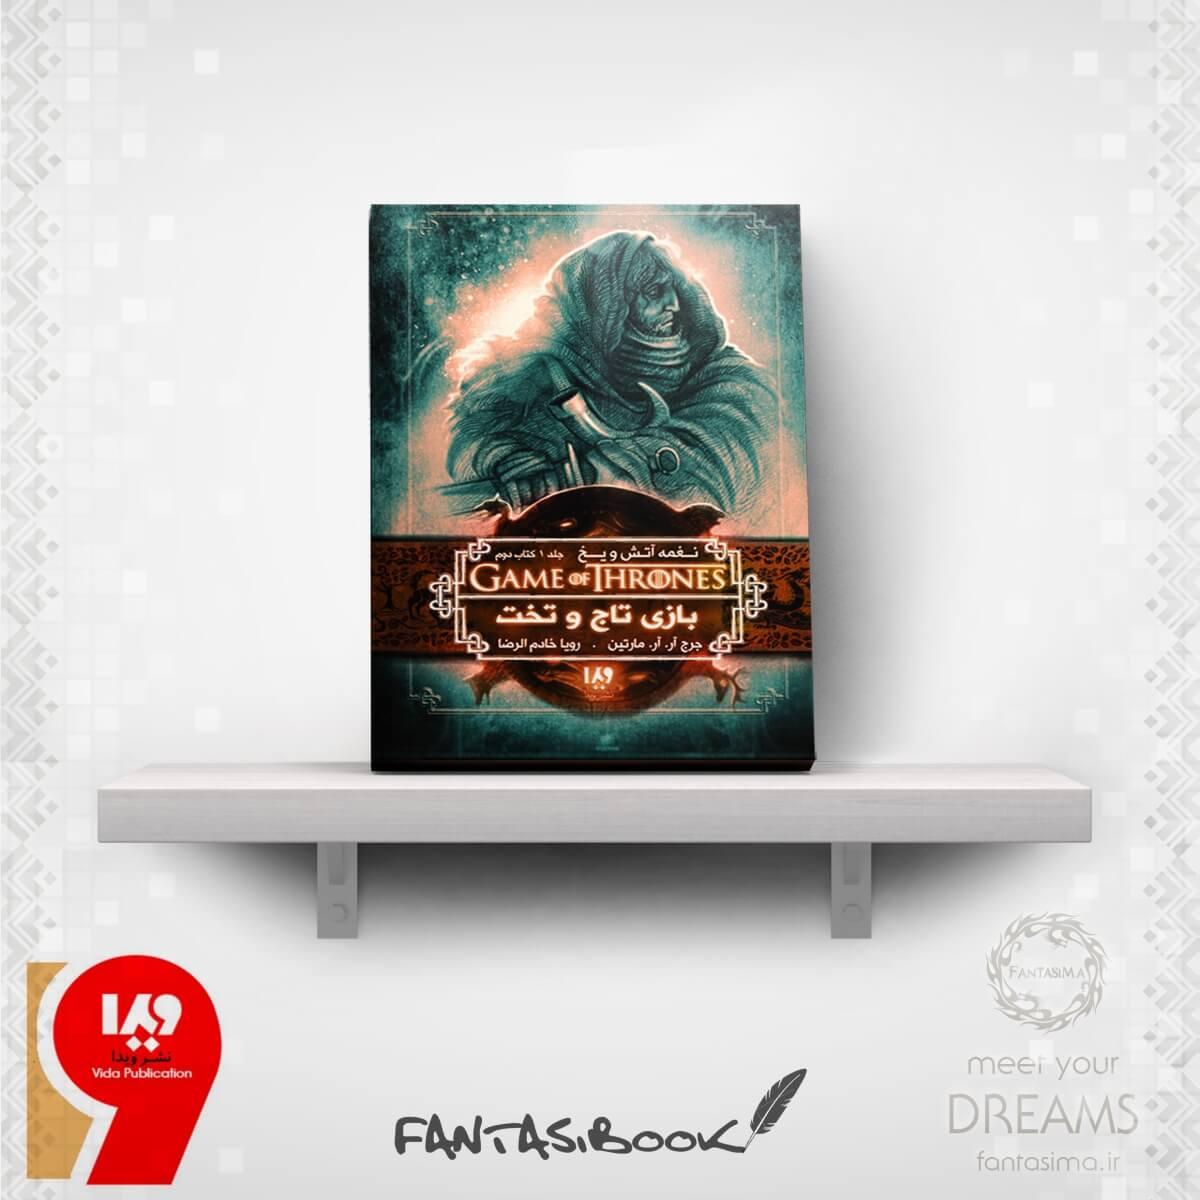 کتاب نغمه آتش و یخ - جلد 02 - بازی تاج و تخت 2